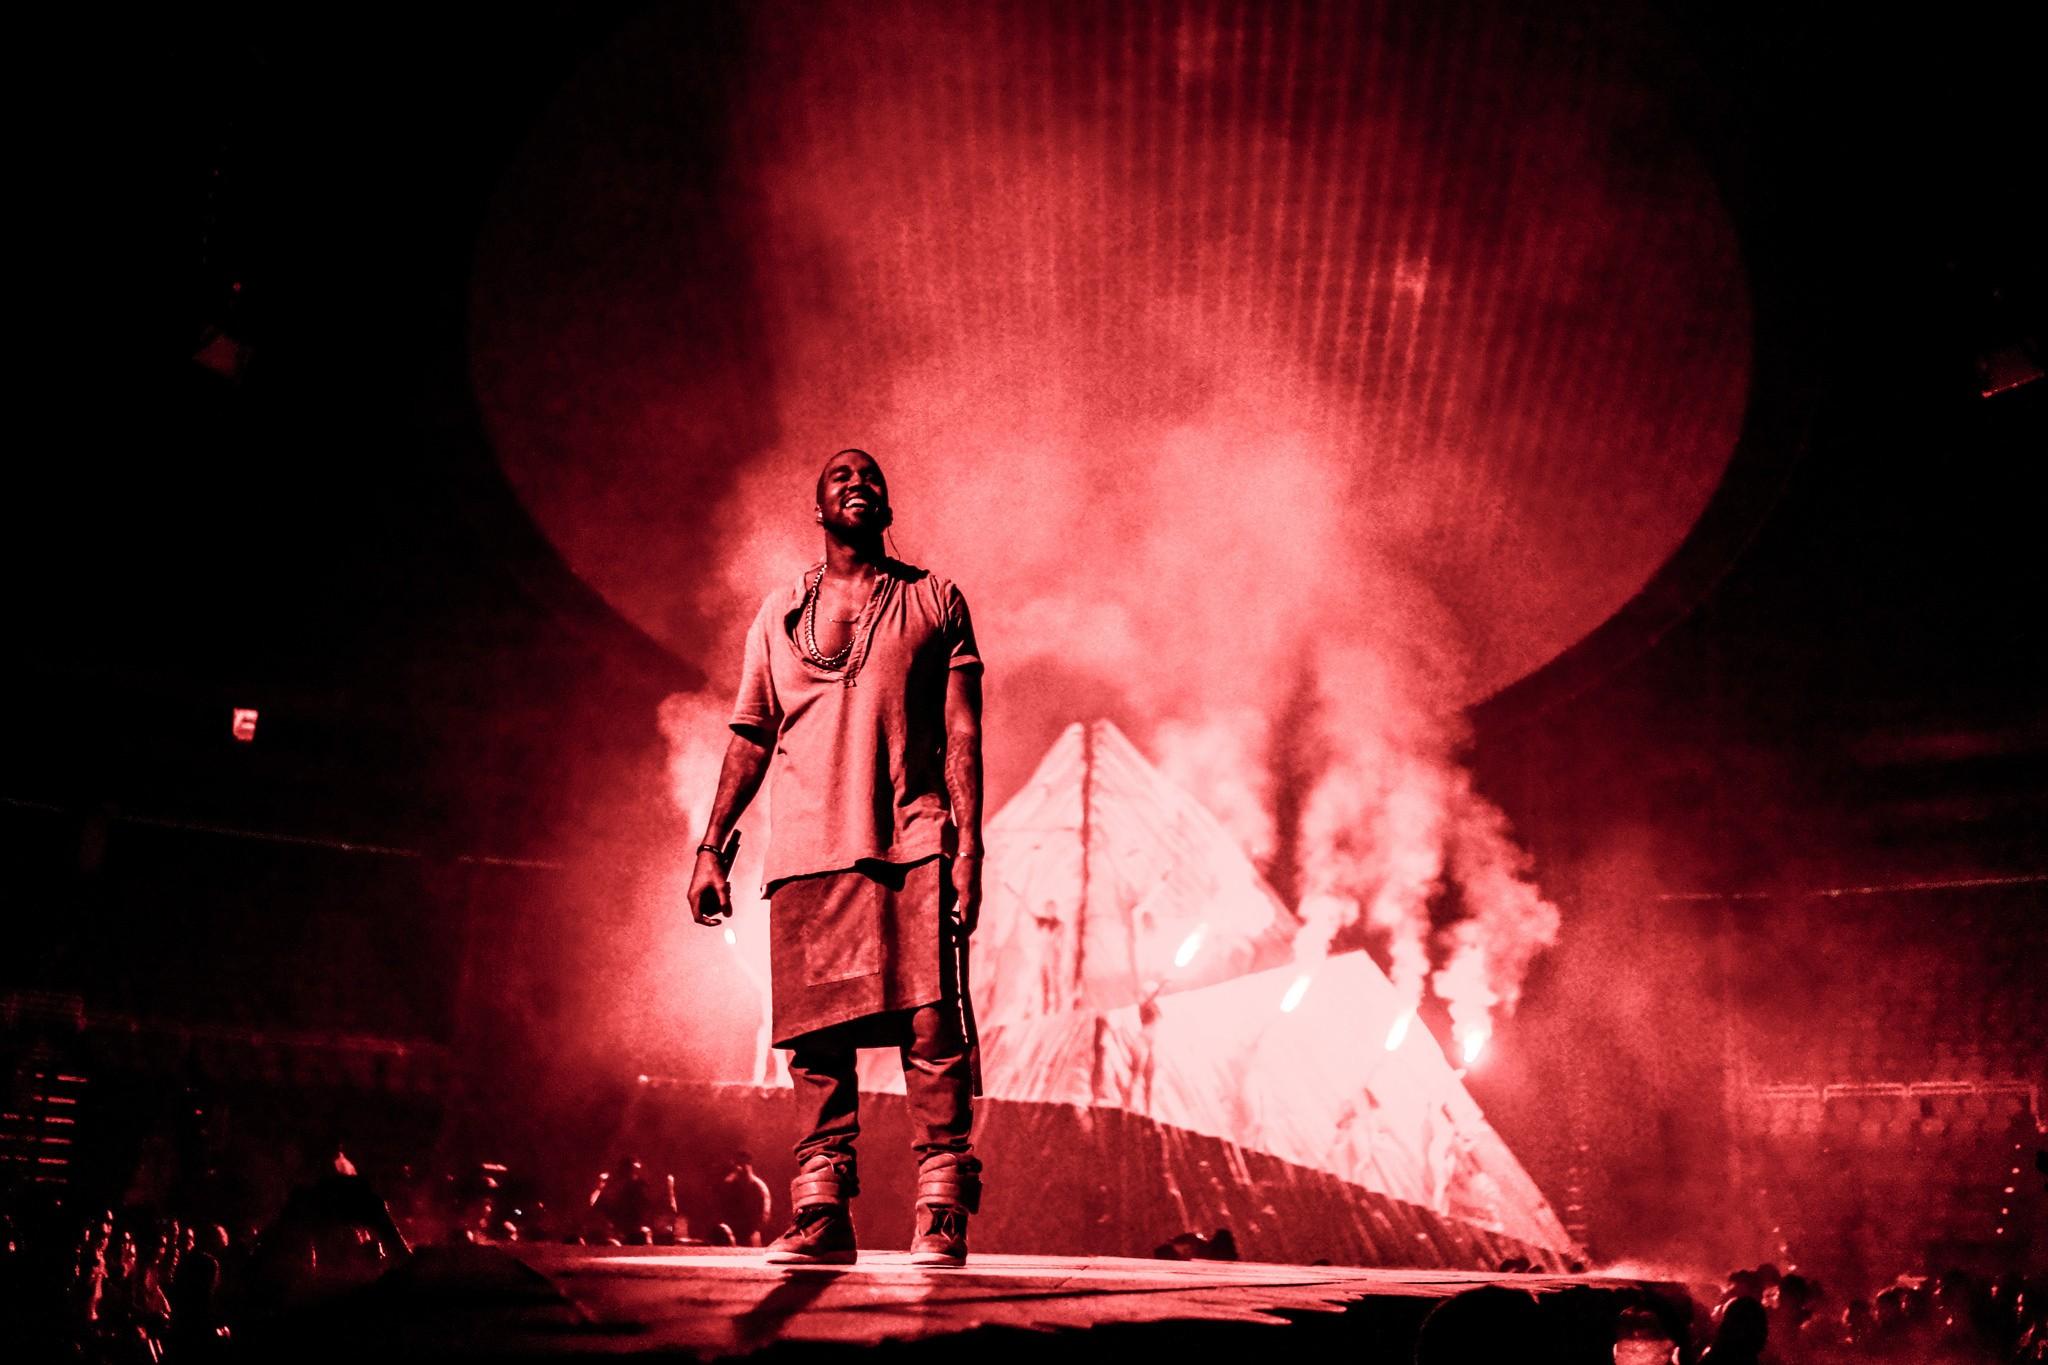 Kanye west wallpapers hd | pixelstalk. Net.